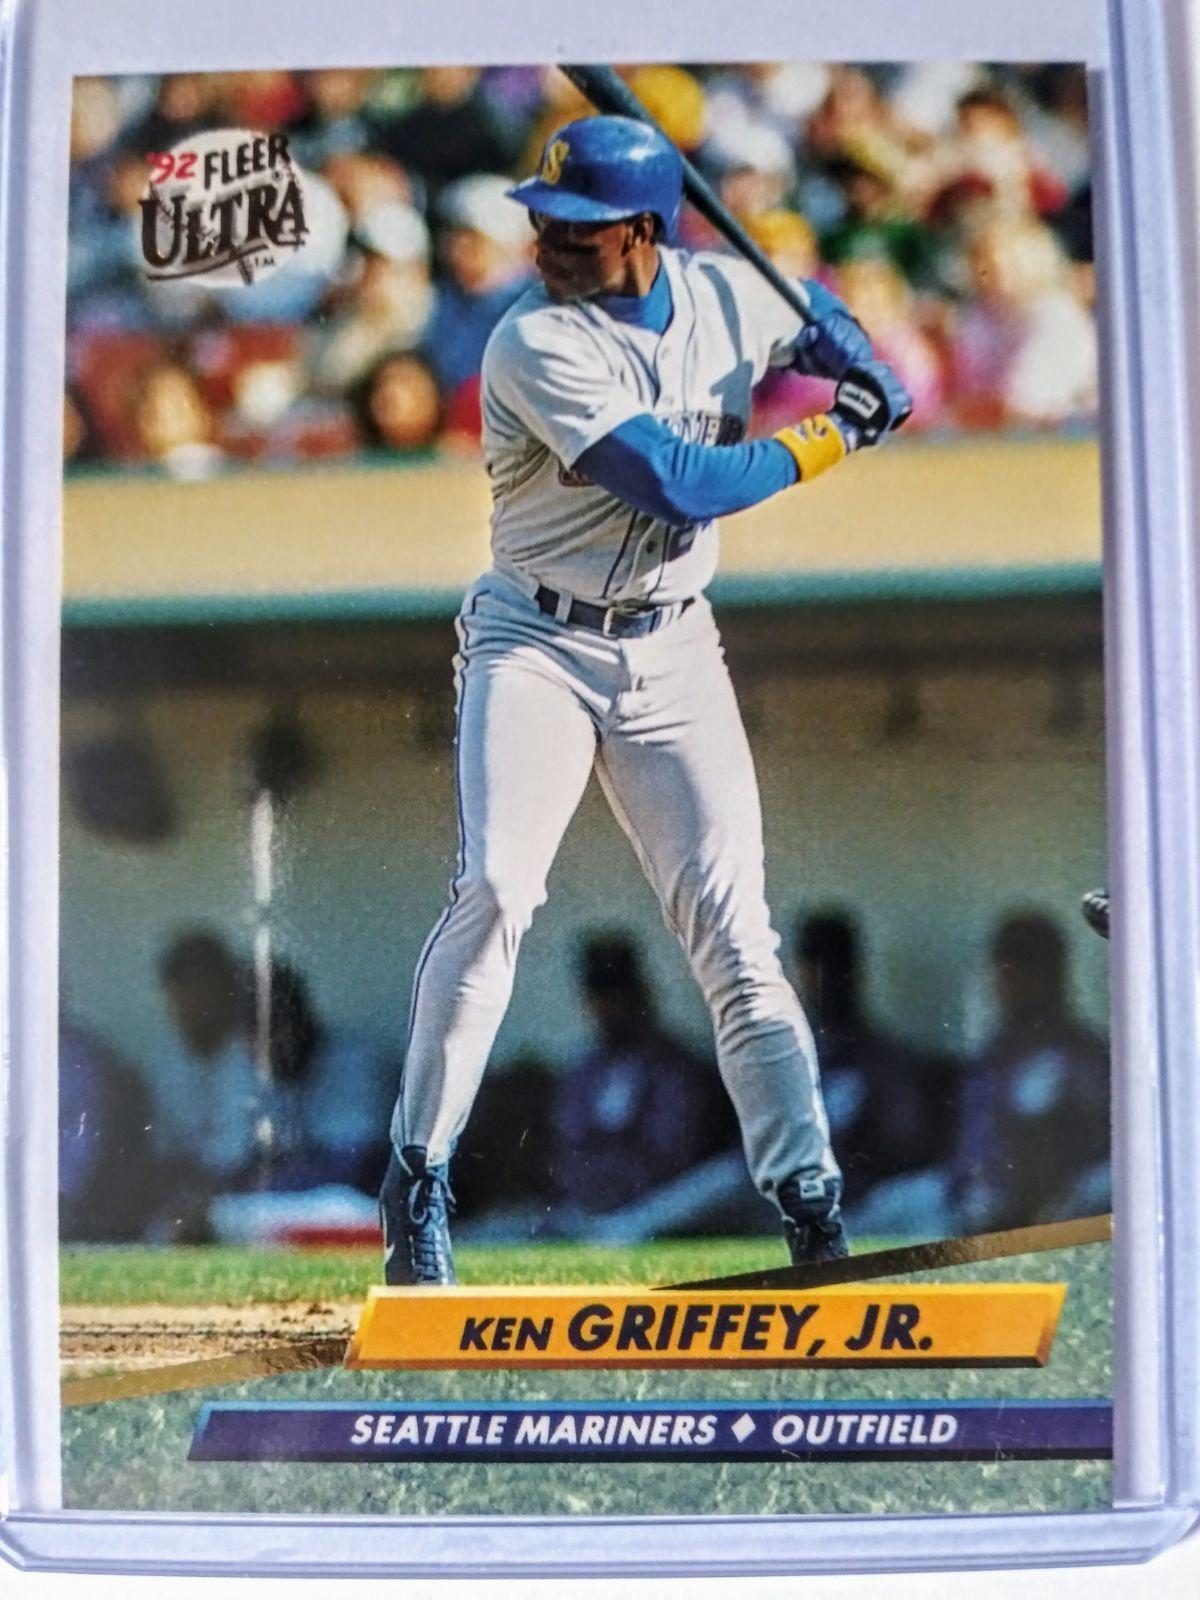 1991 Fleer Ultra Ken Griffey Jr card mint condition Ken